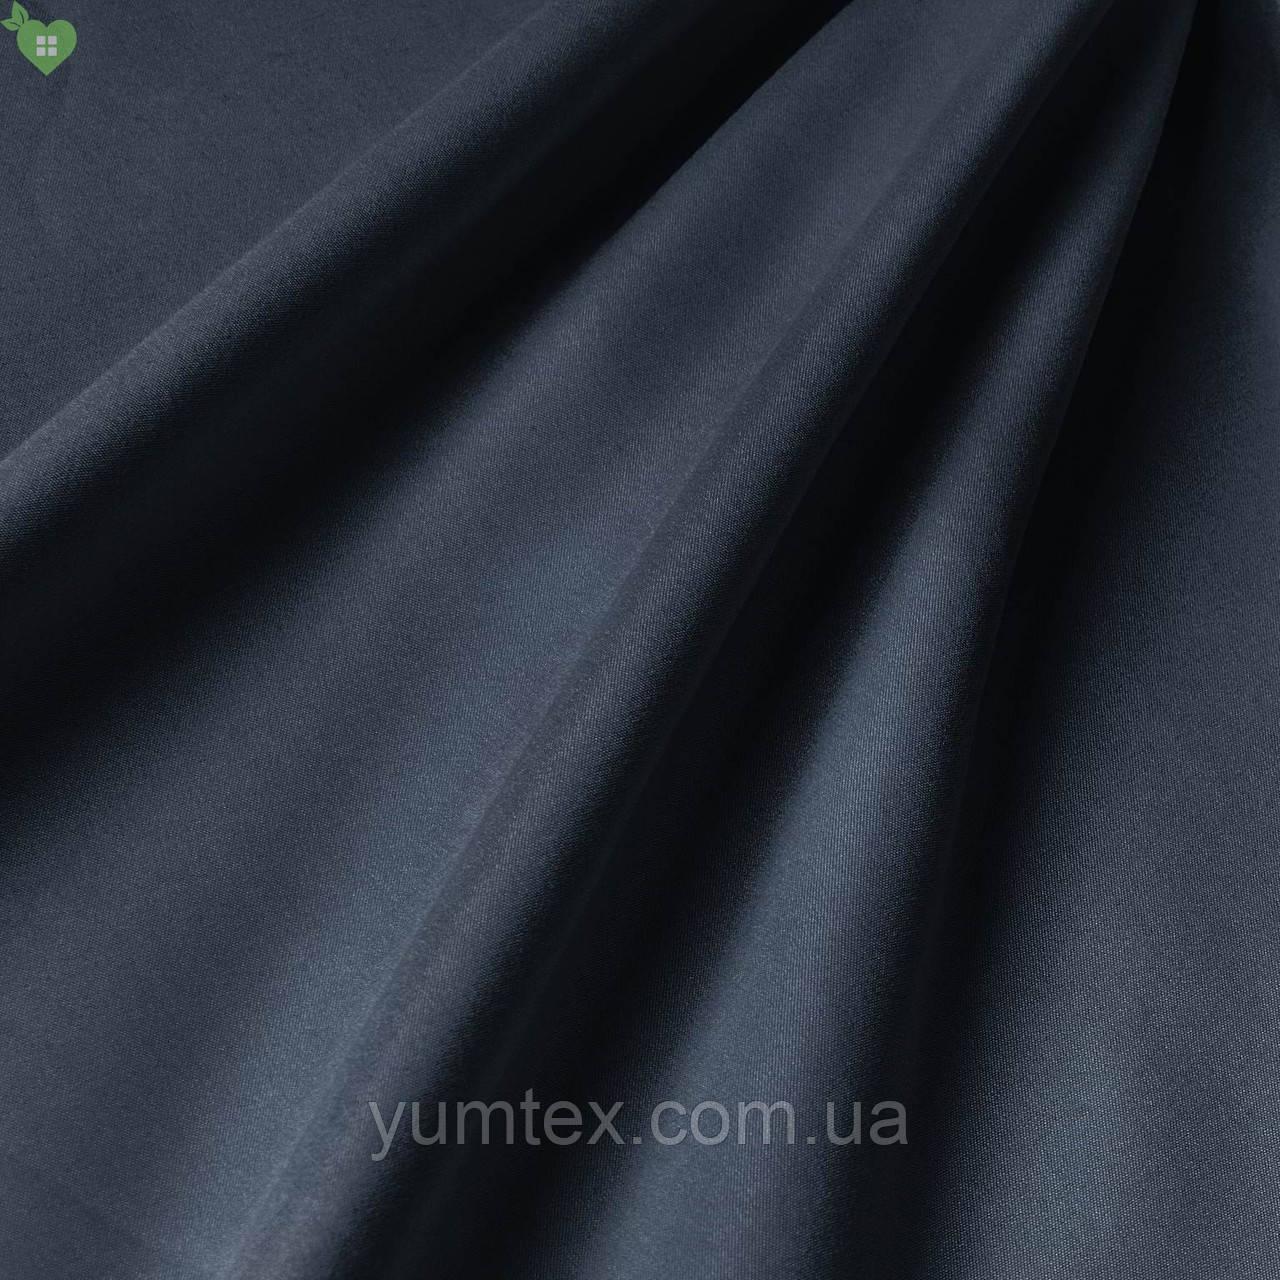 Подкладочная ткань с матовой фактурой темно-синего цвета без рисунка Испания